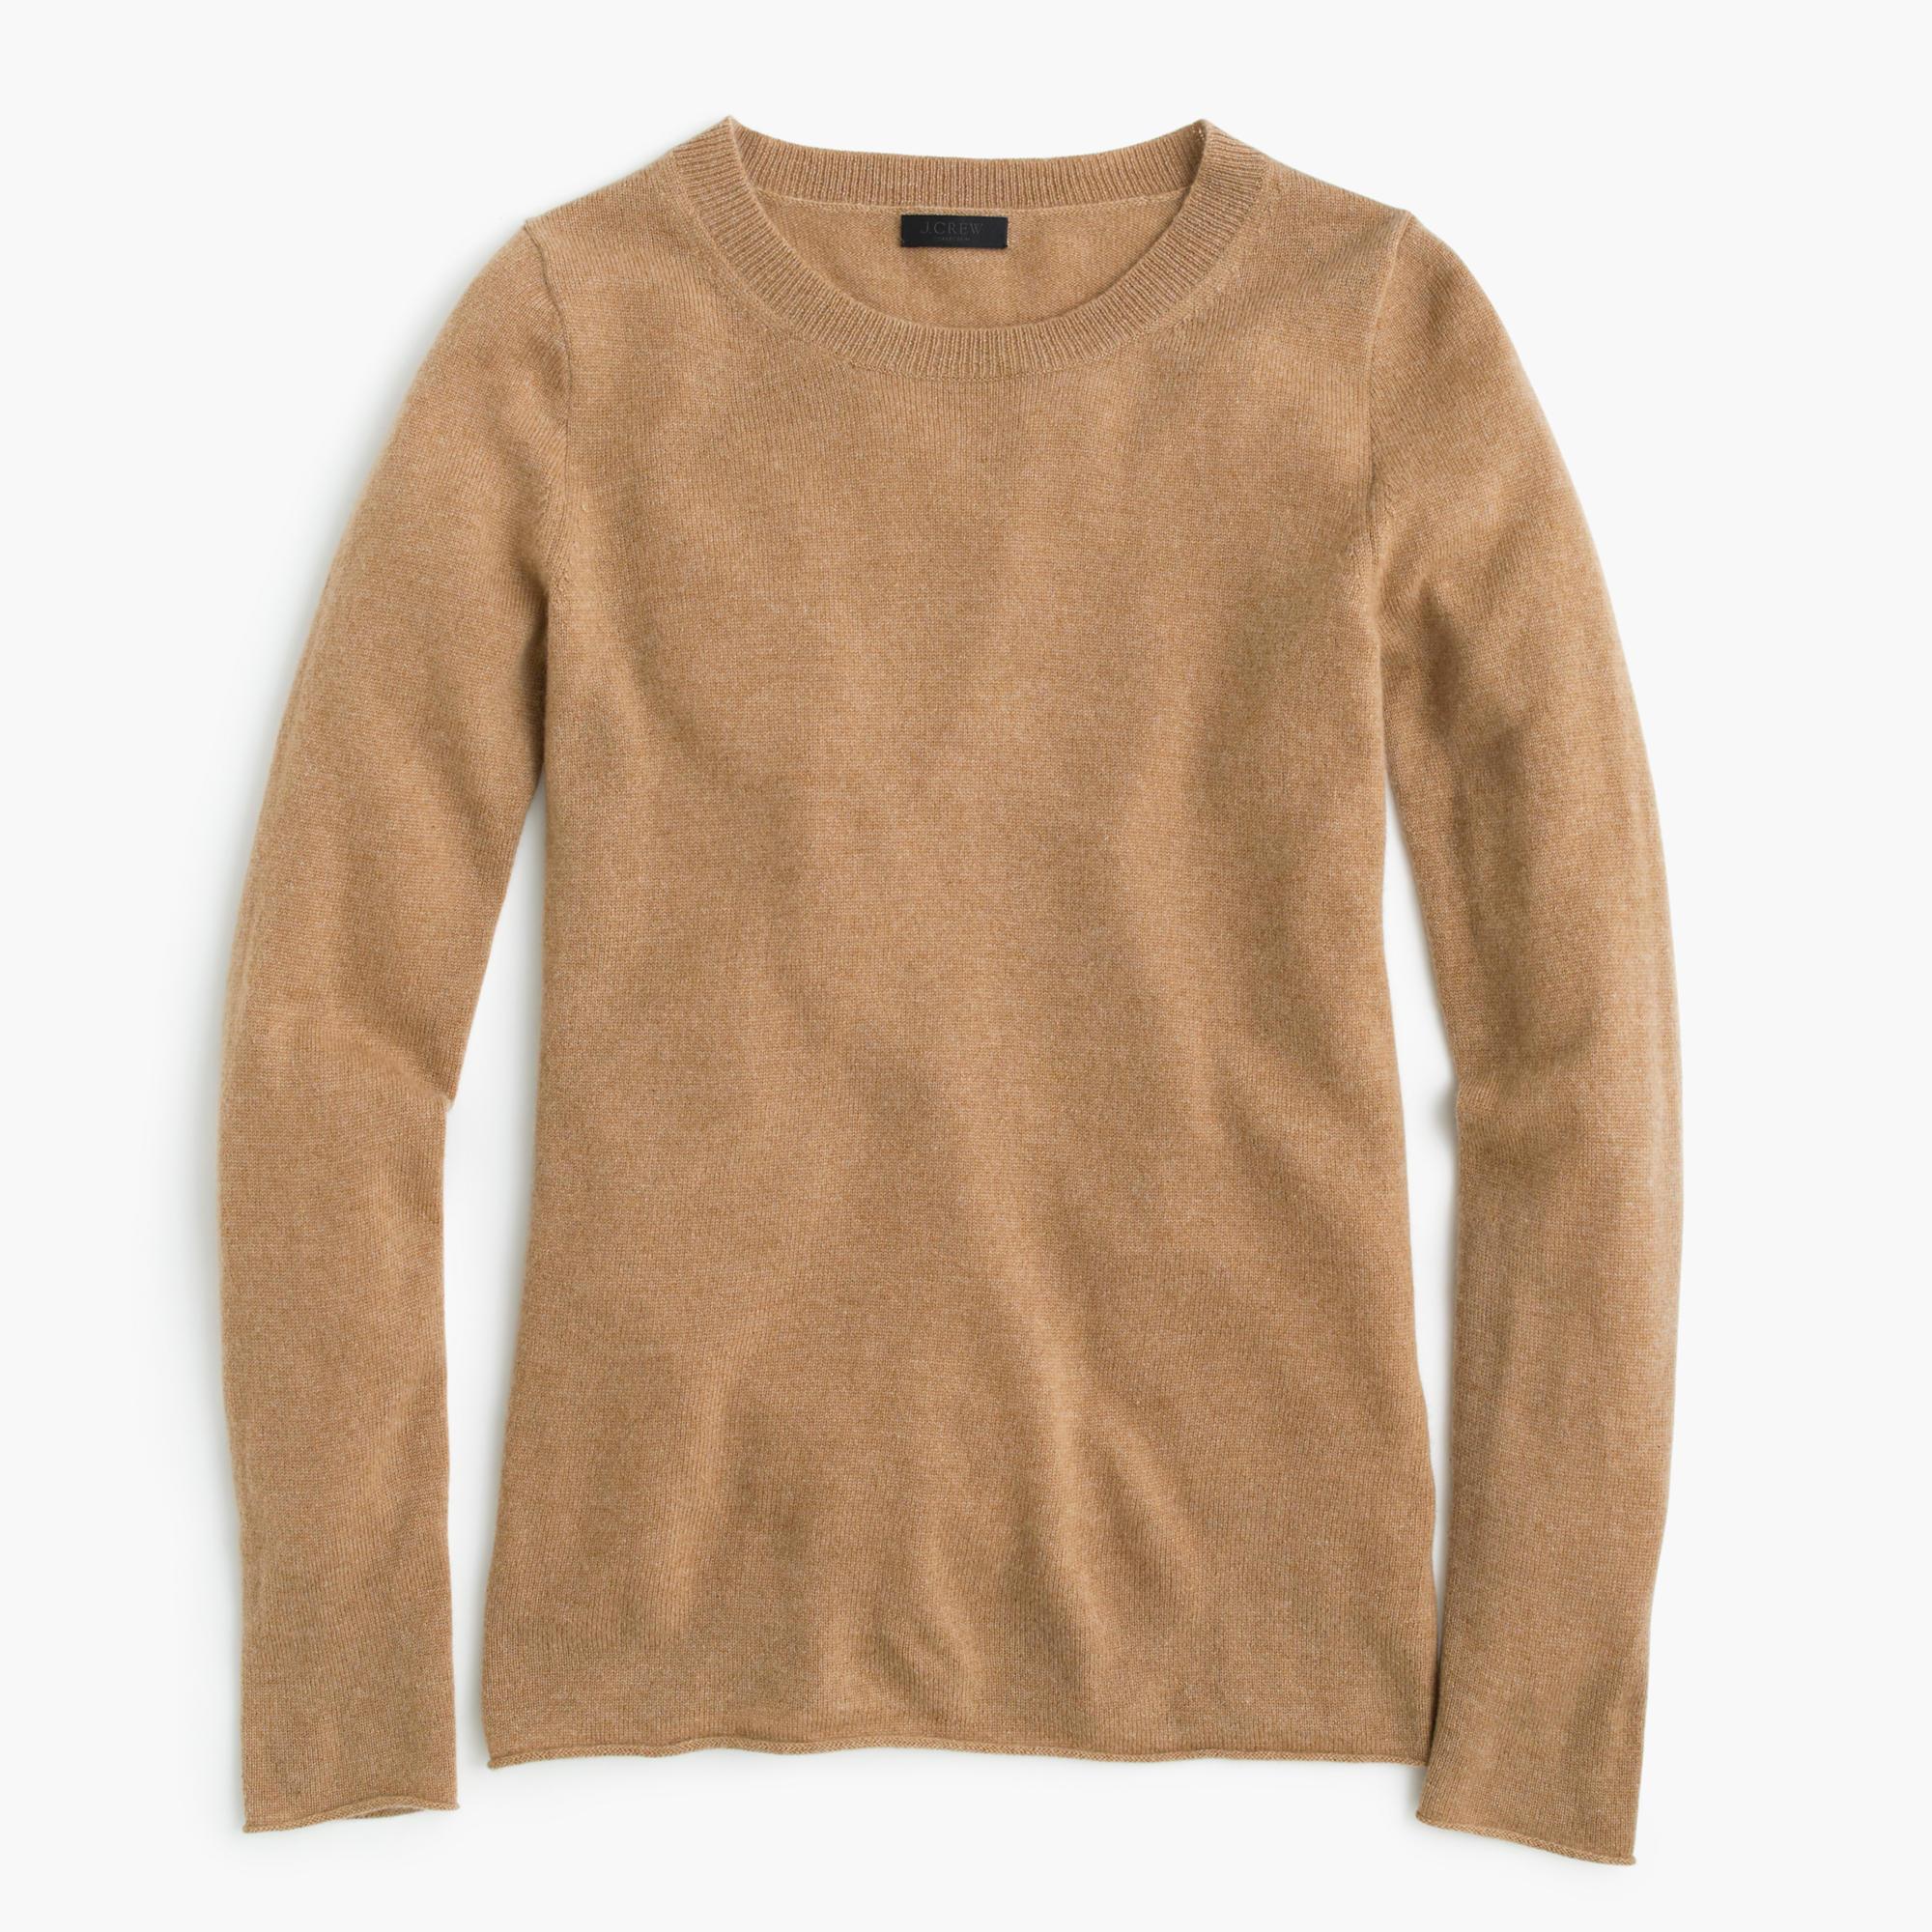 Jcrew Sweater in Camel